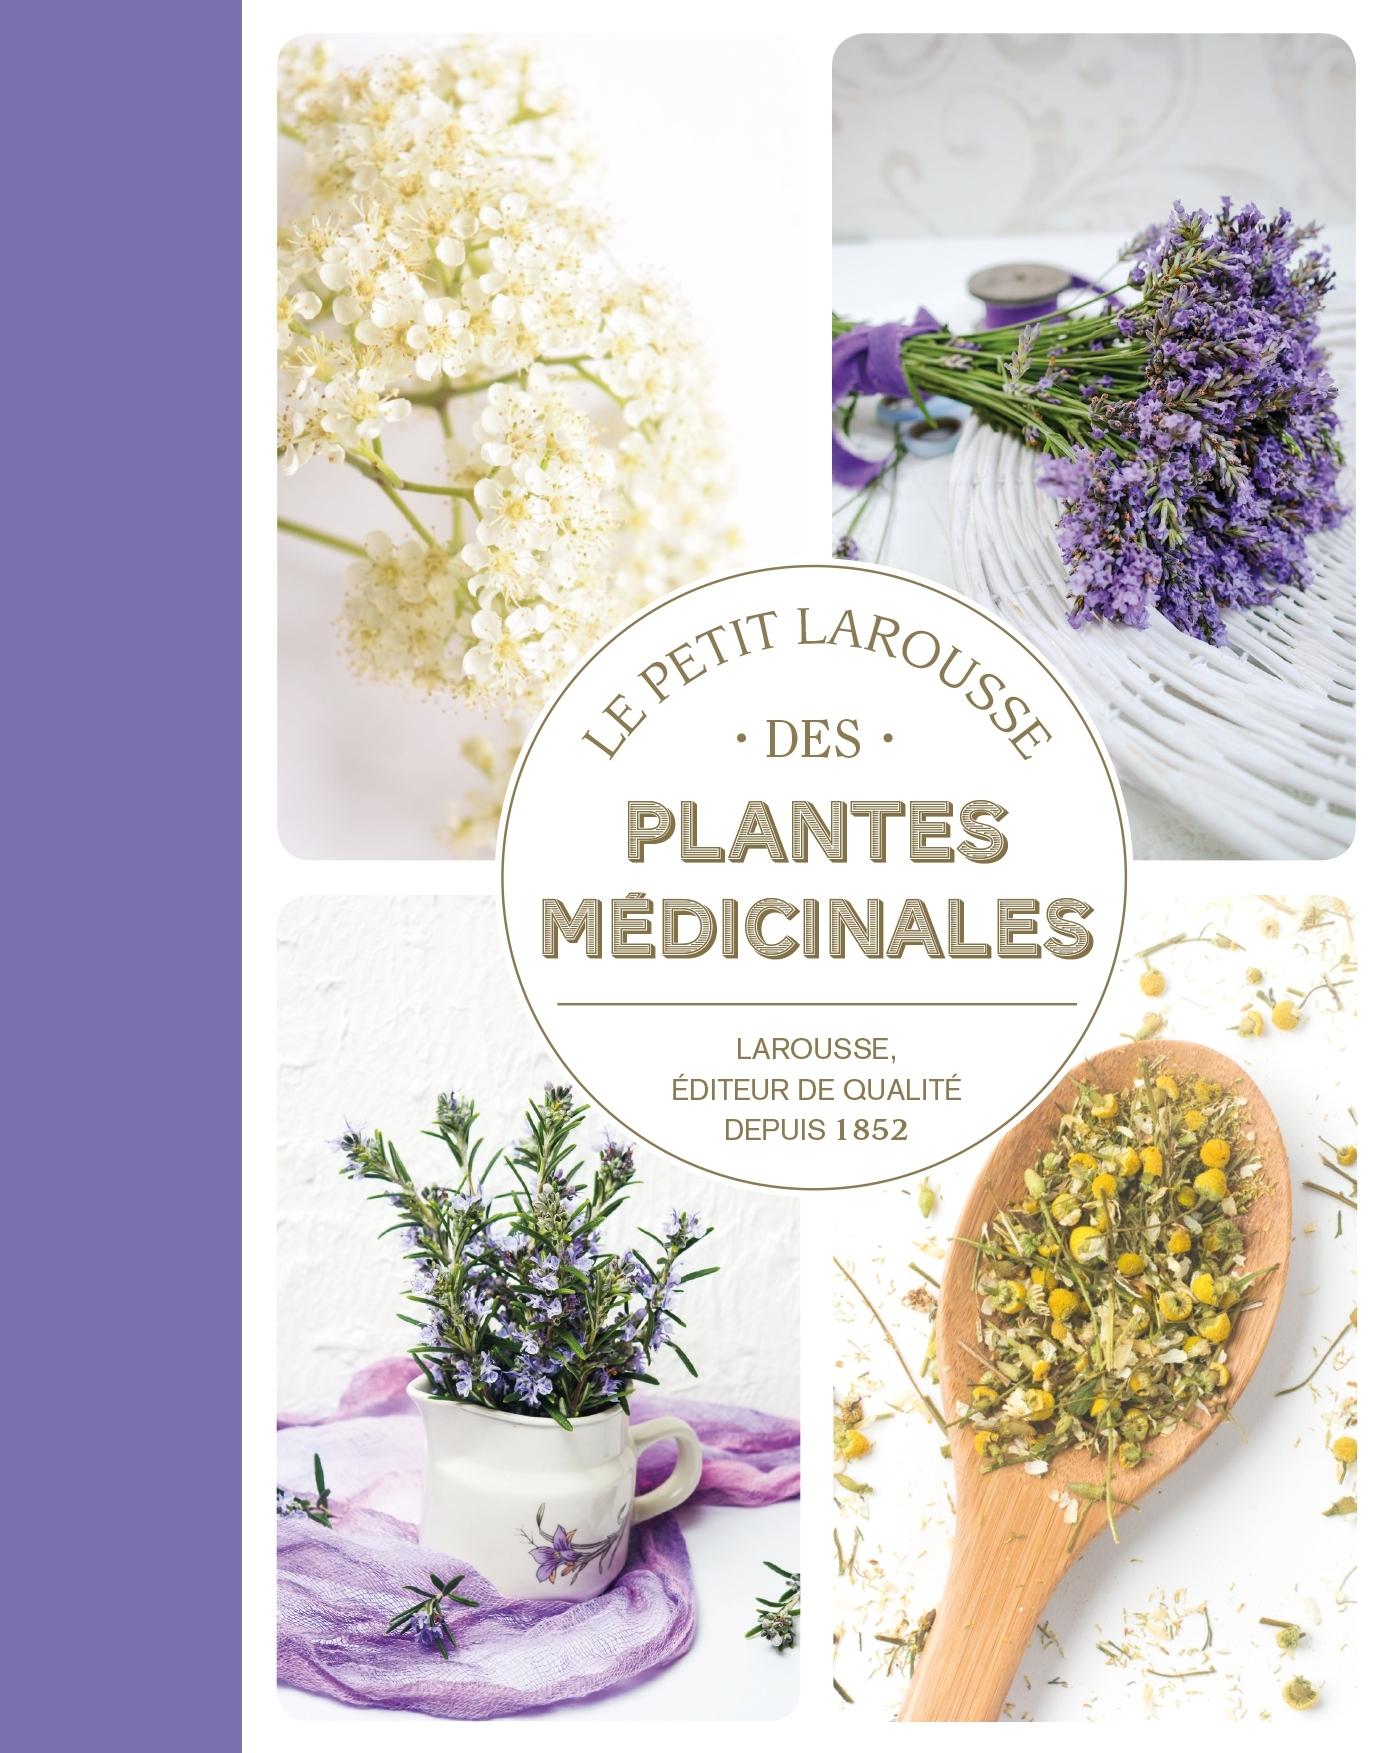 PETIT LAROUSSE DES PLANTES MEDICINALES